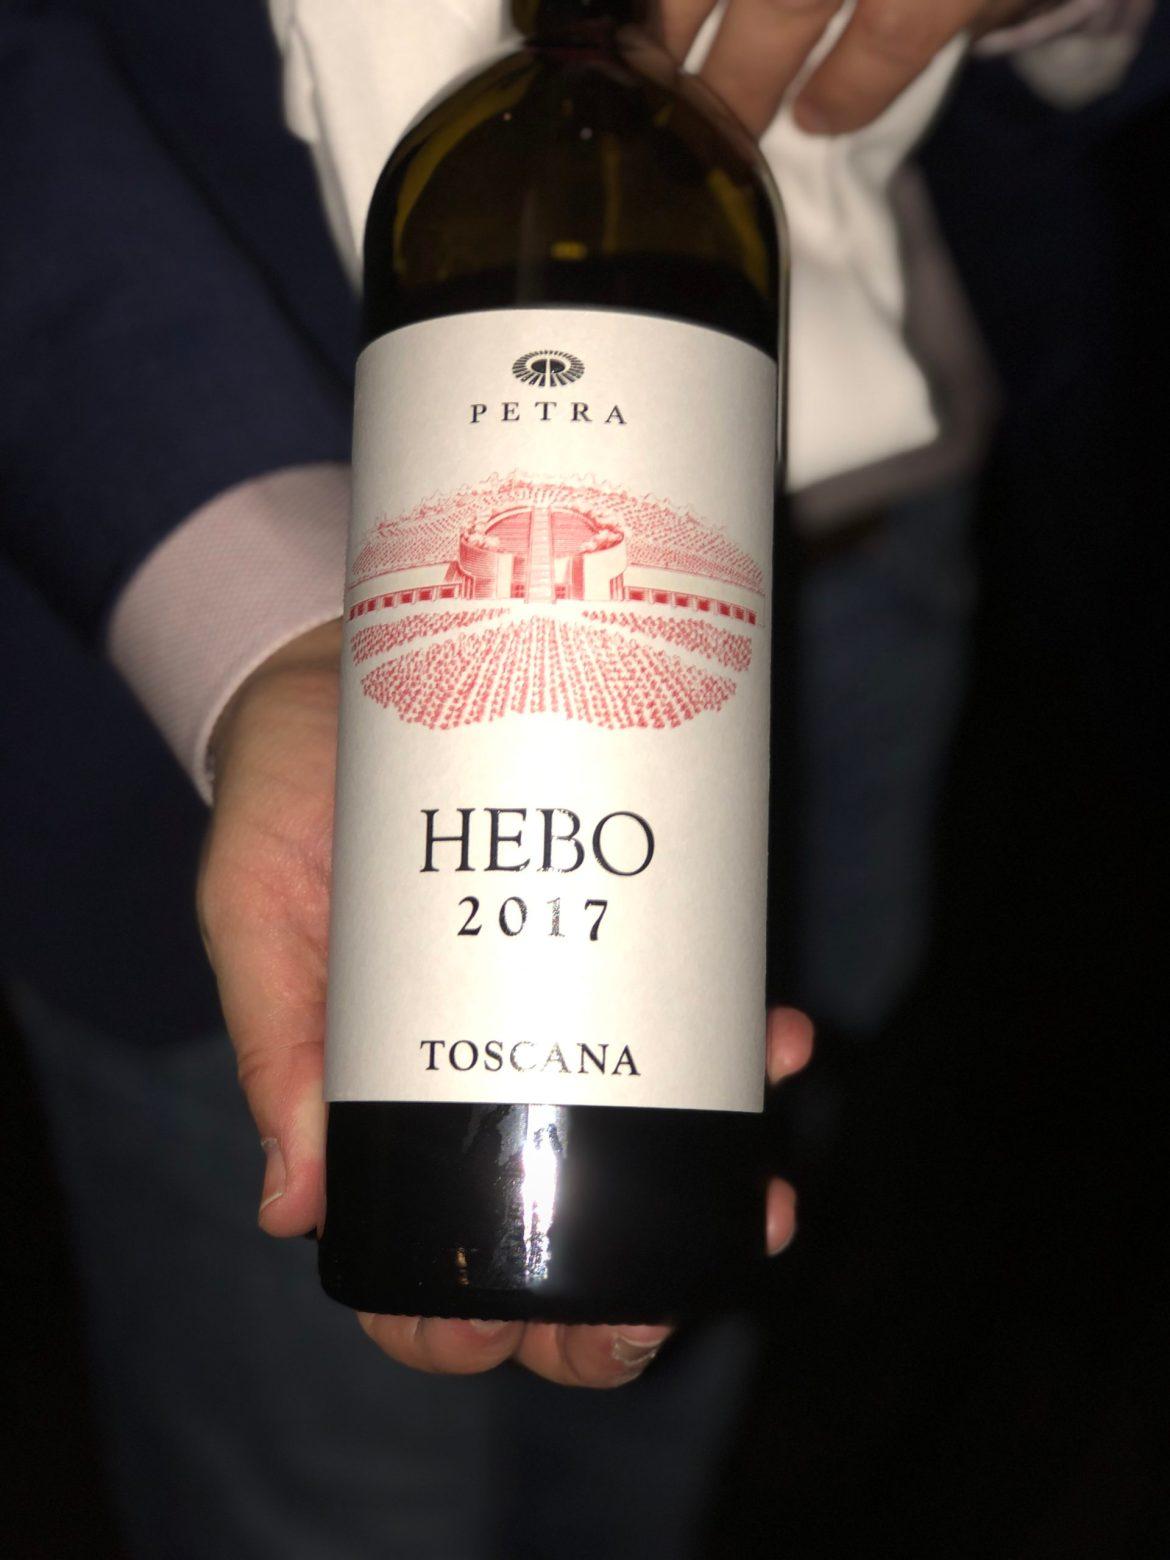 Petra Hebo Toscana 2017